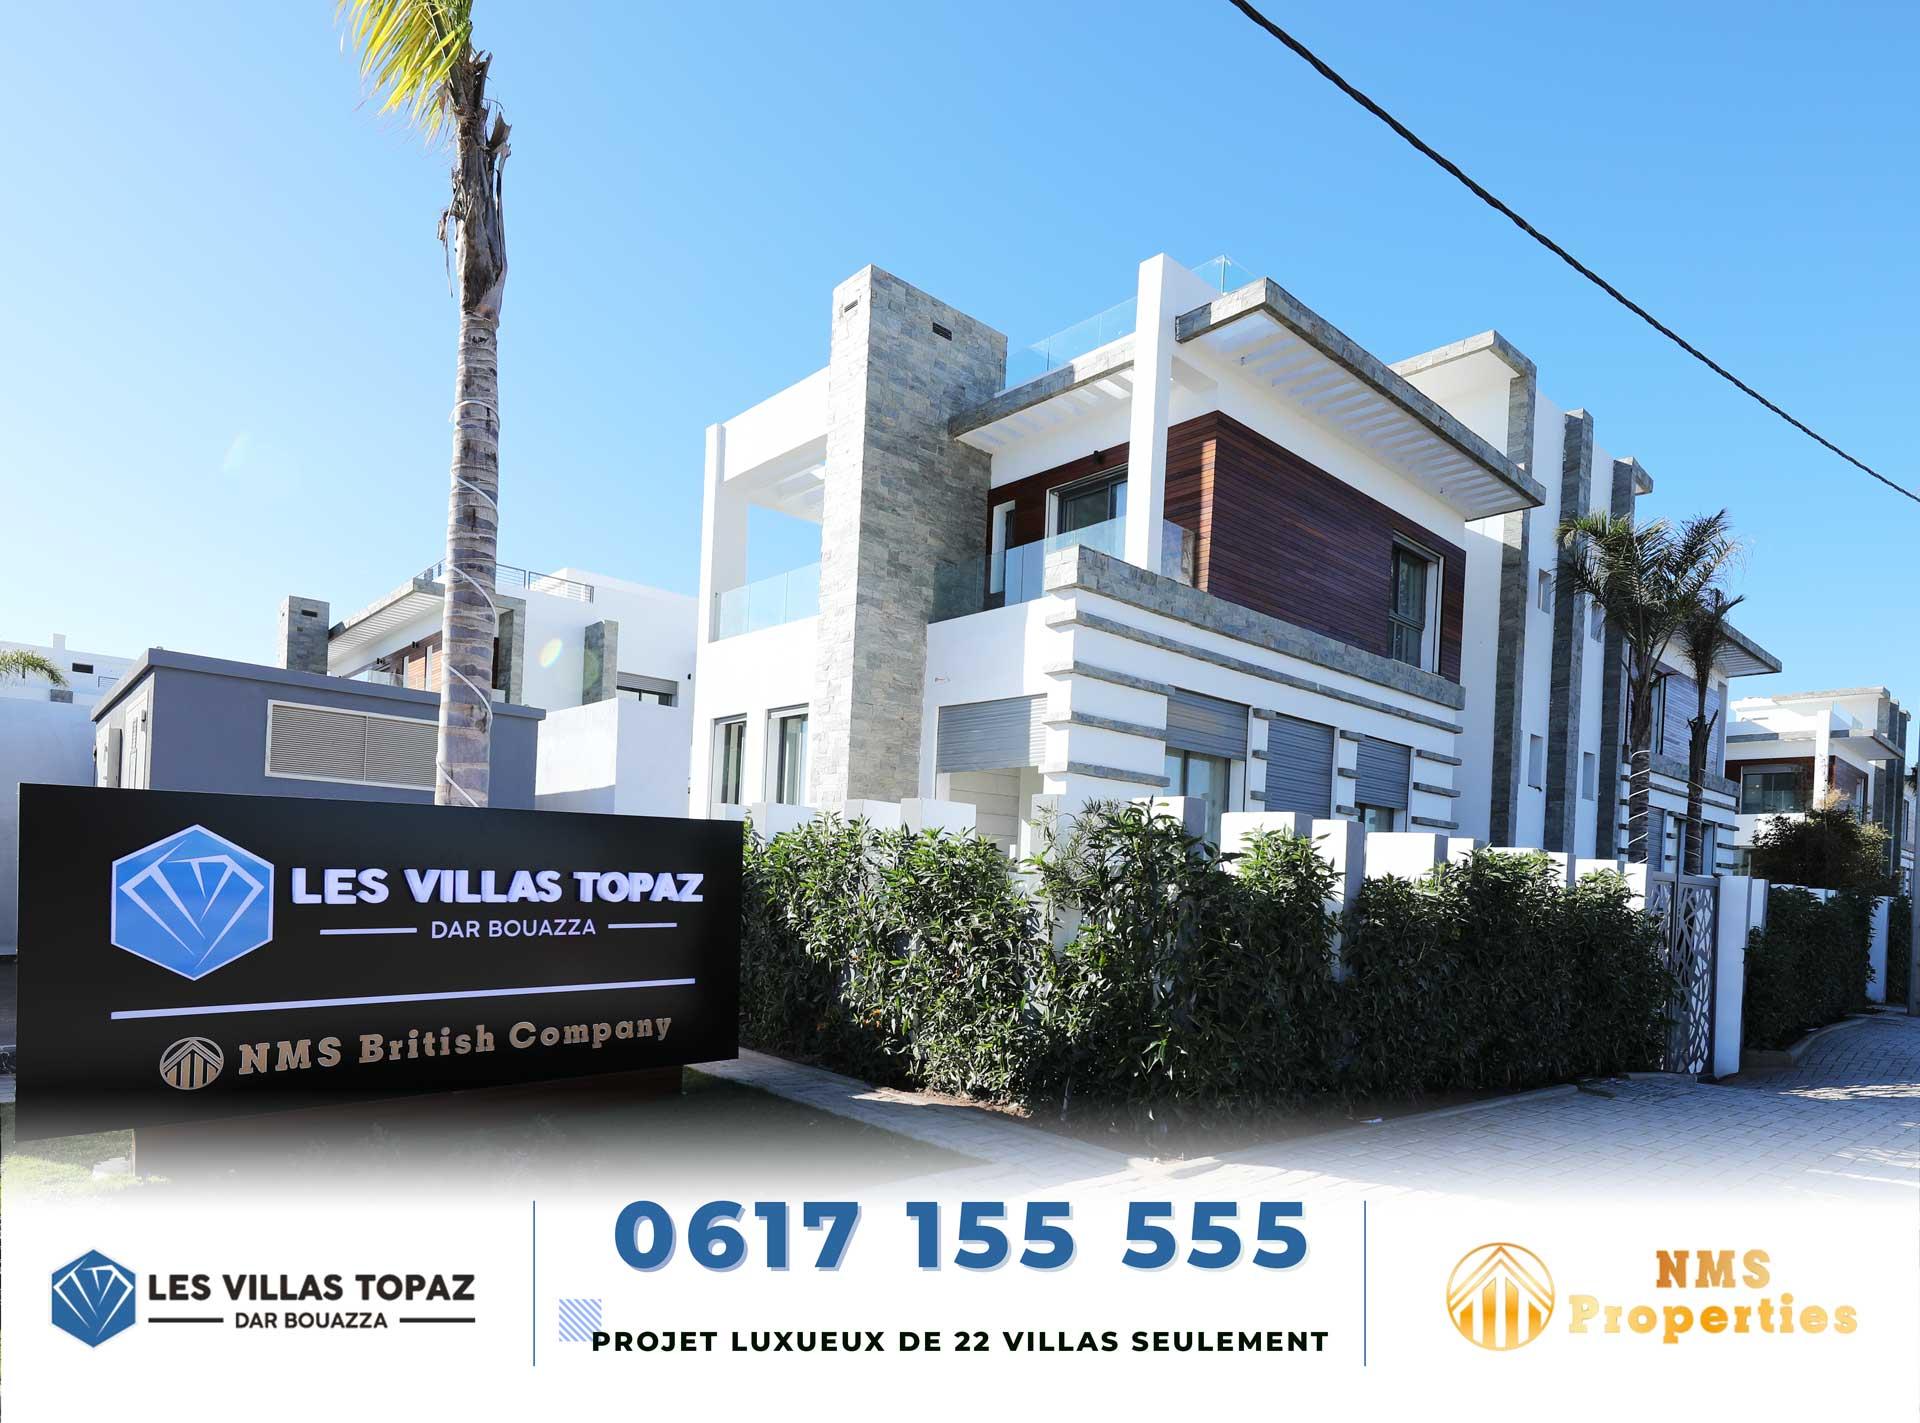 iCom-Agence-de-Communication-au-Maroc-Casablanca-creation-audiovisuelle-et-production-video-nms-villas-topaz2020-05-24 at 3.49.58 PM 2